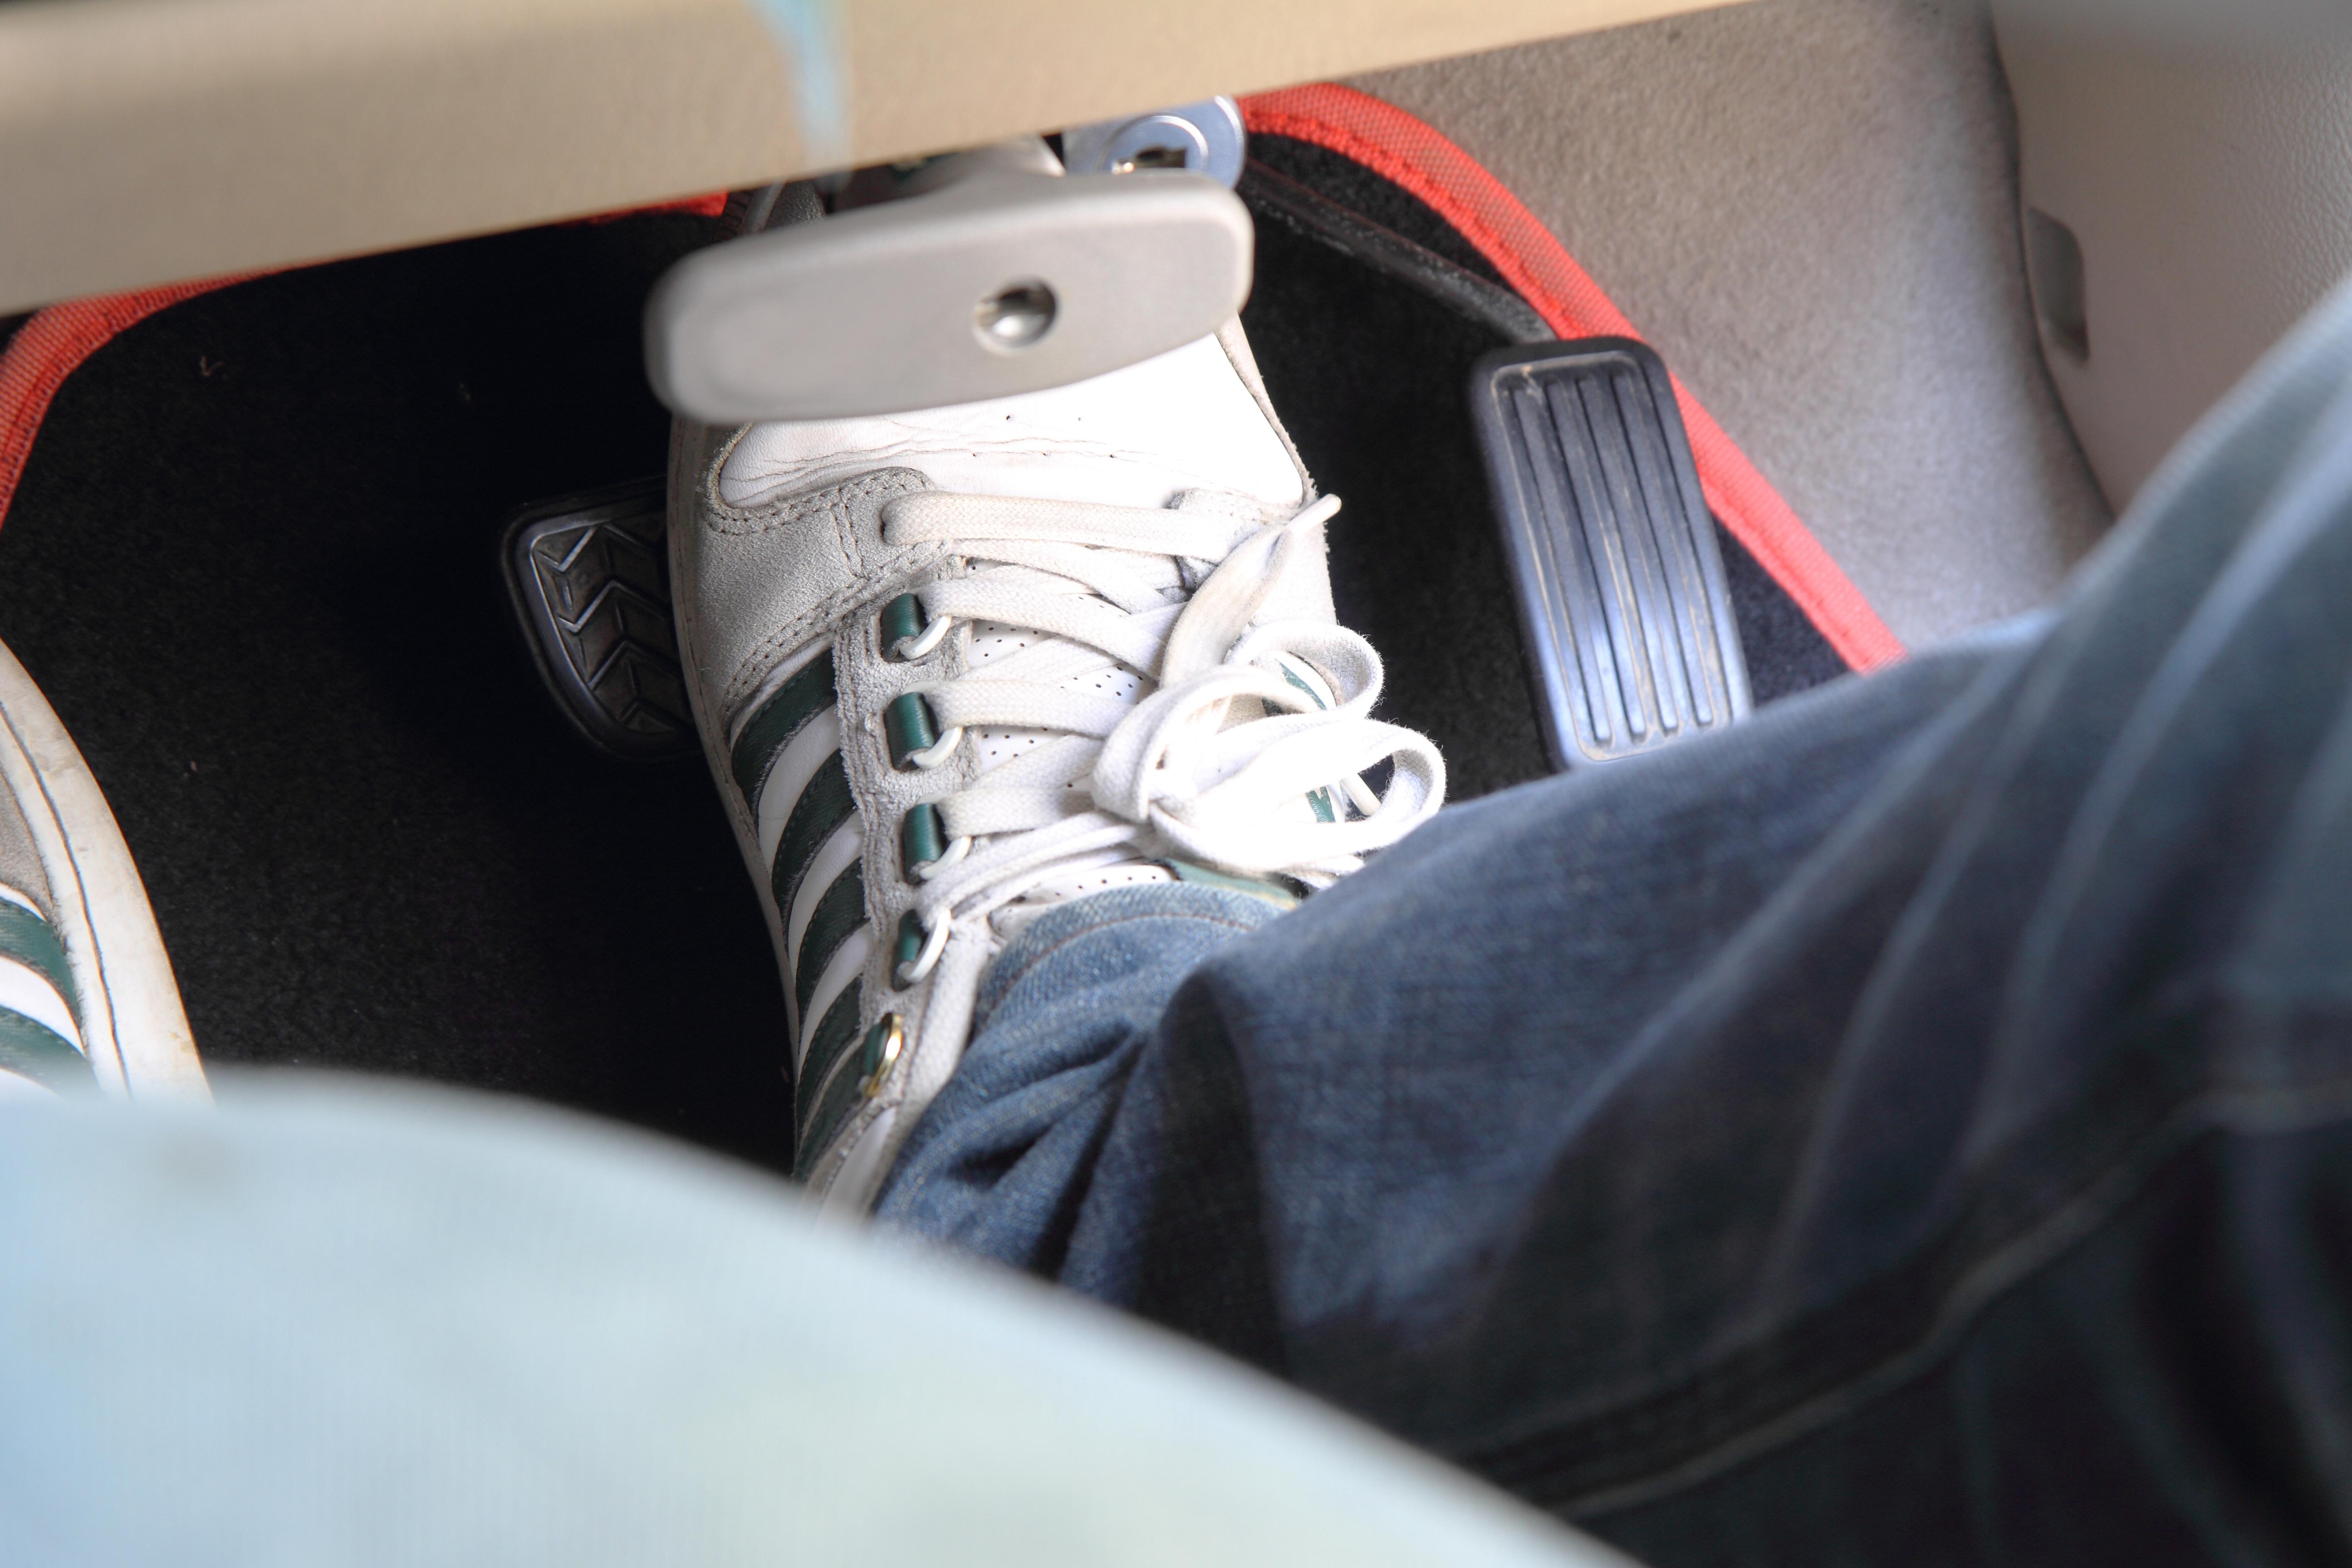 運転支援システム中の足をどこに置く?